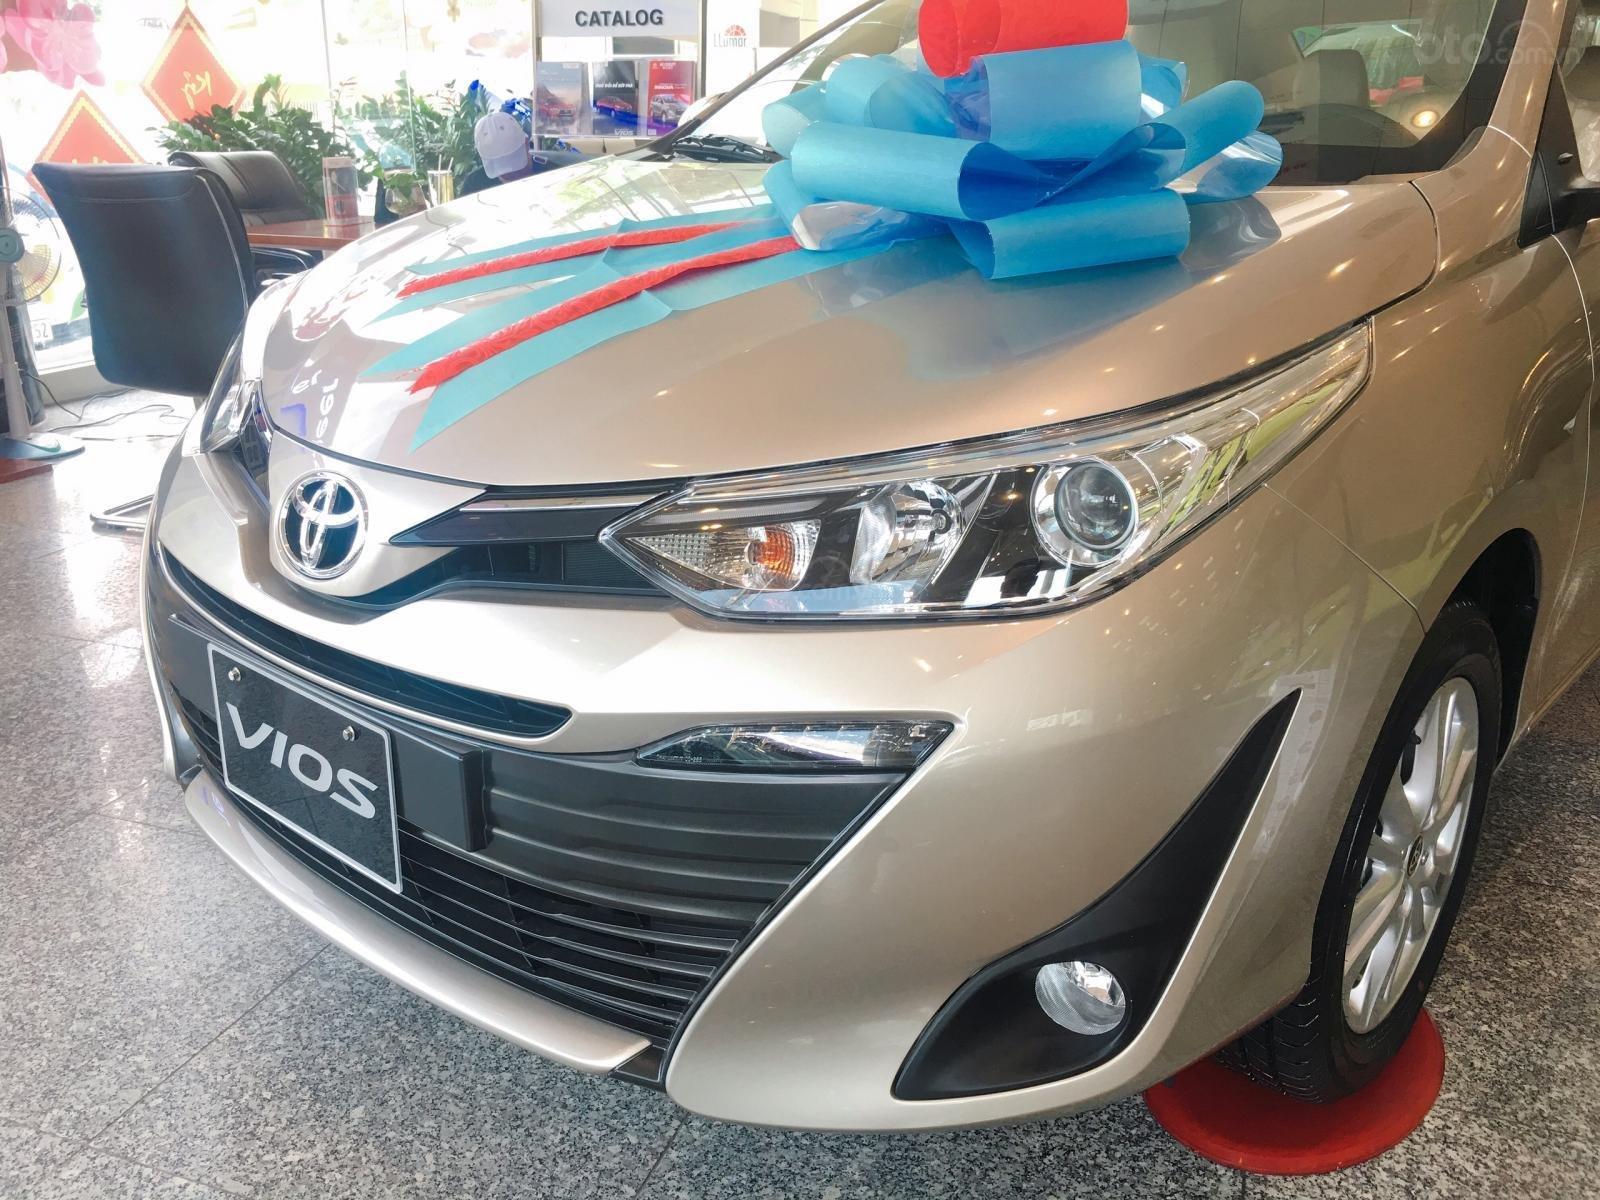 Toyota Vios 1.5G CVT - giá cực hot, hỗ trợ full phụ kiện chính hãng/ liên hệ ngay: 0906.396.095-1